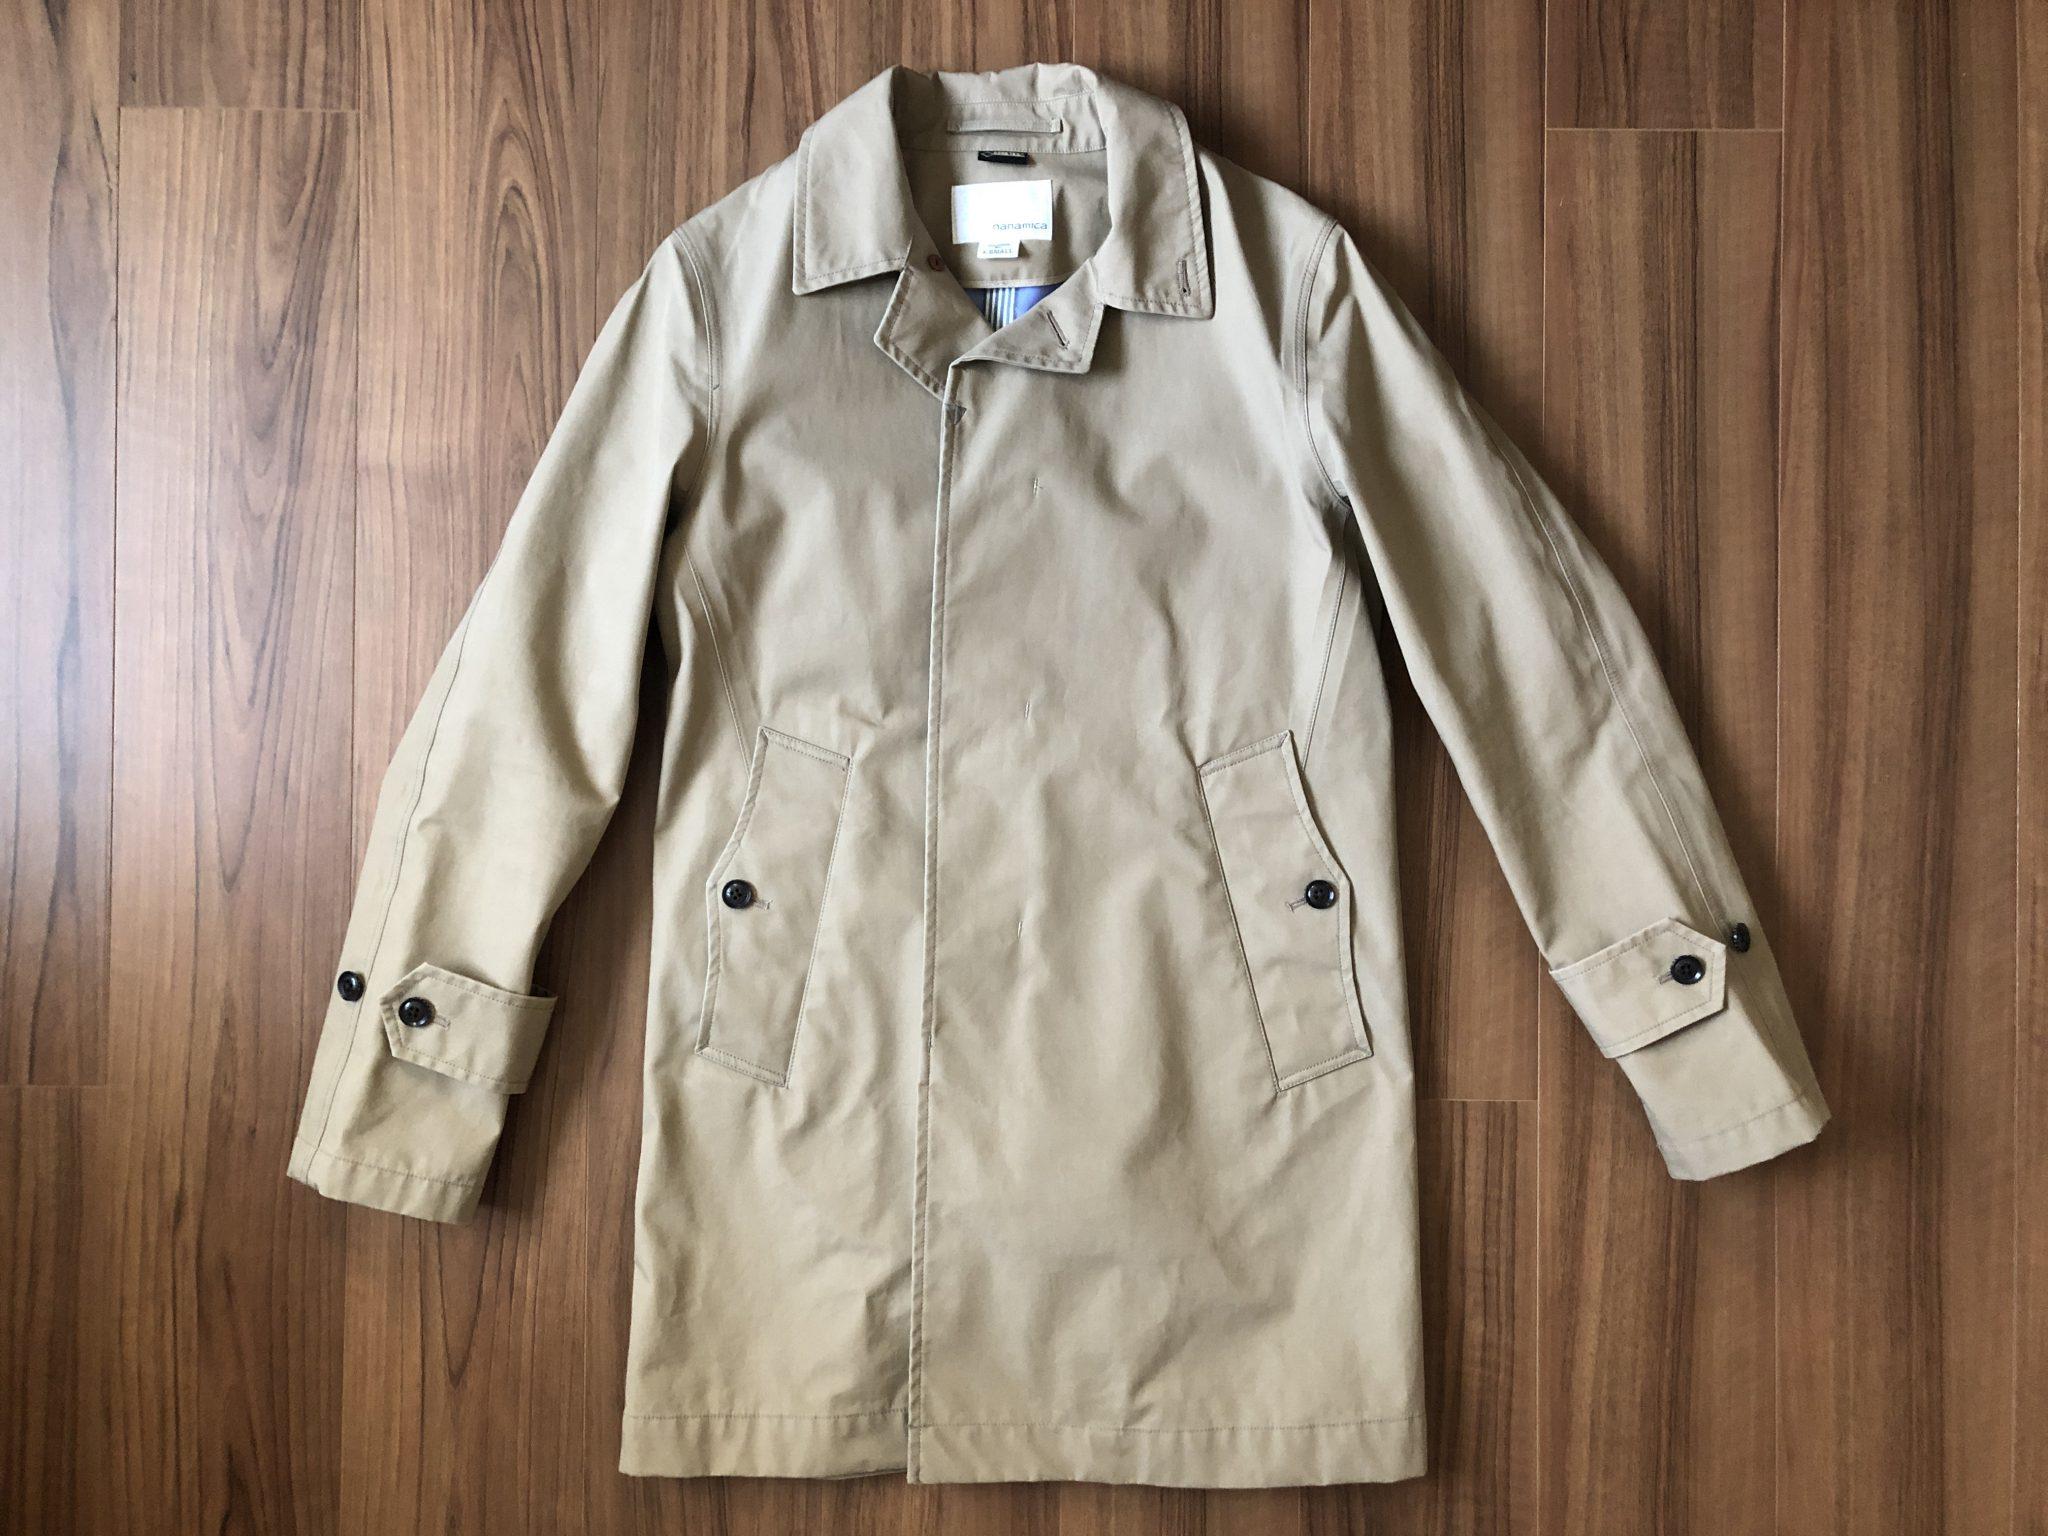 ナナミカ ゴアテックス ステンカラーコート nanamica GORE-TEX Soutien Collar Coat ベージュ 購入当初 全体観